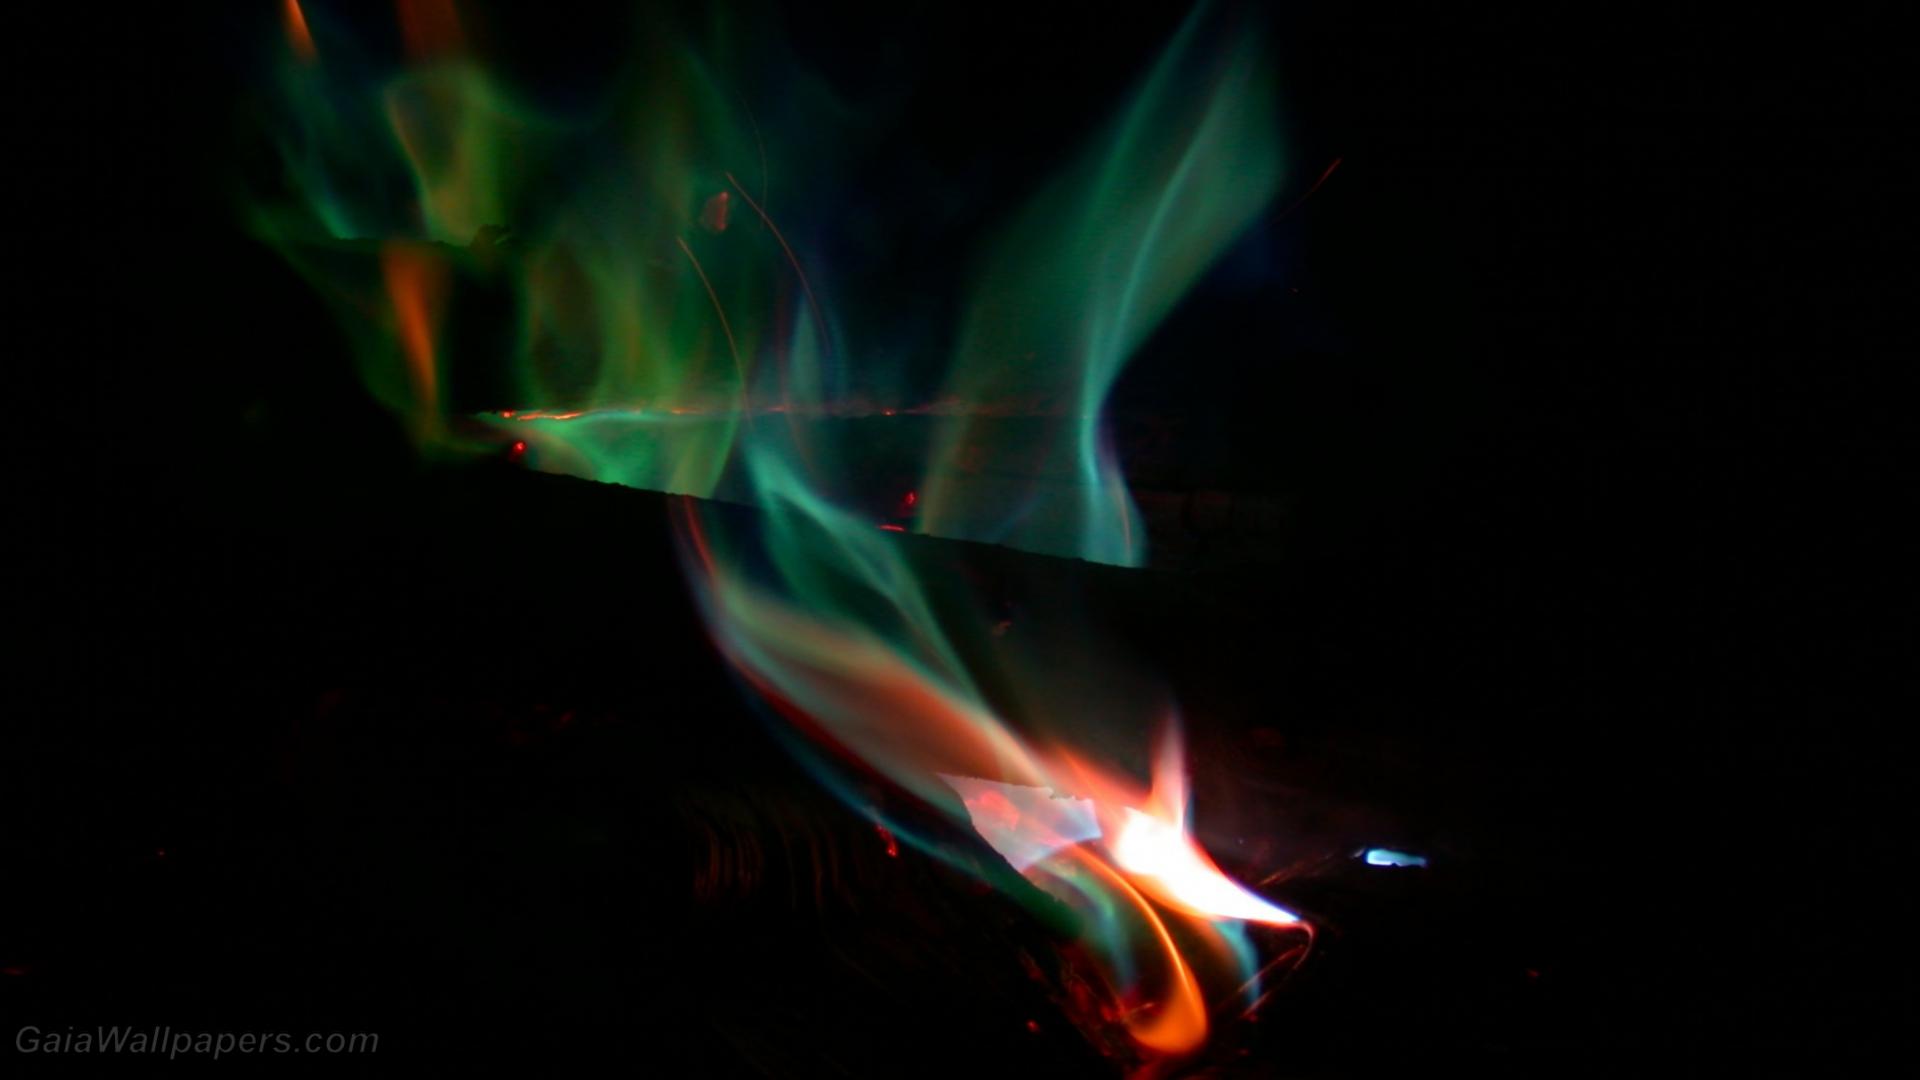 Free Desktop Wallpaper Fire: Green Fire Wallpapers 1920x1080